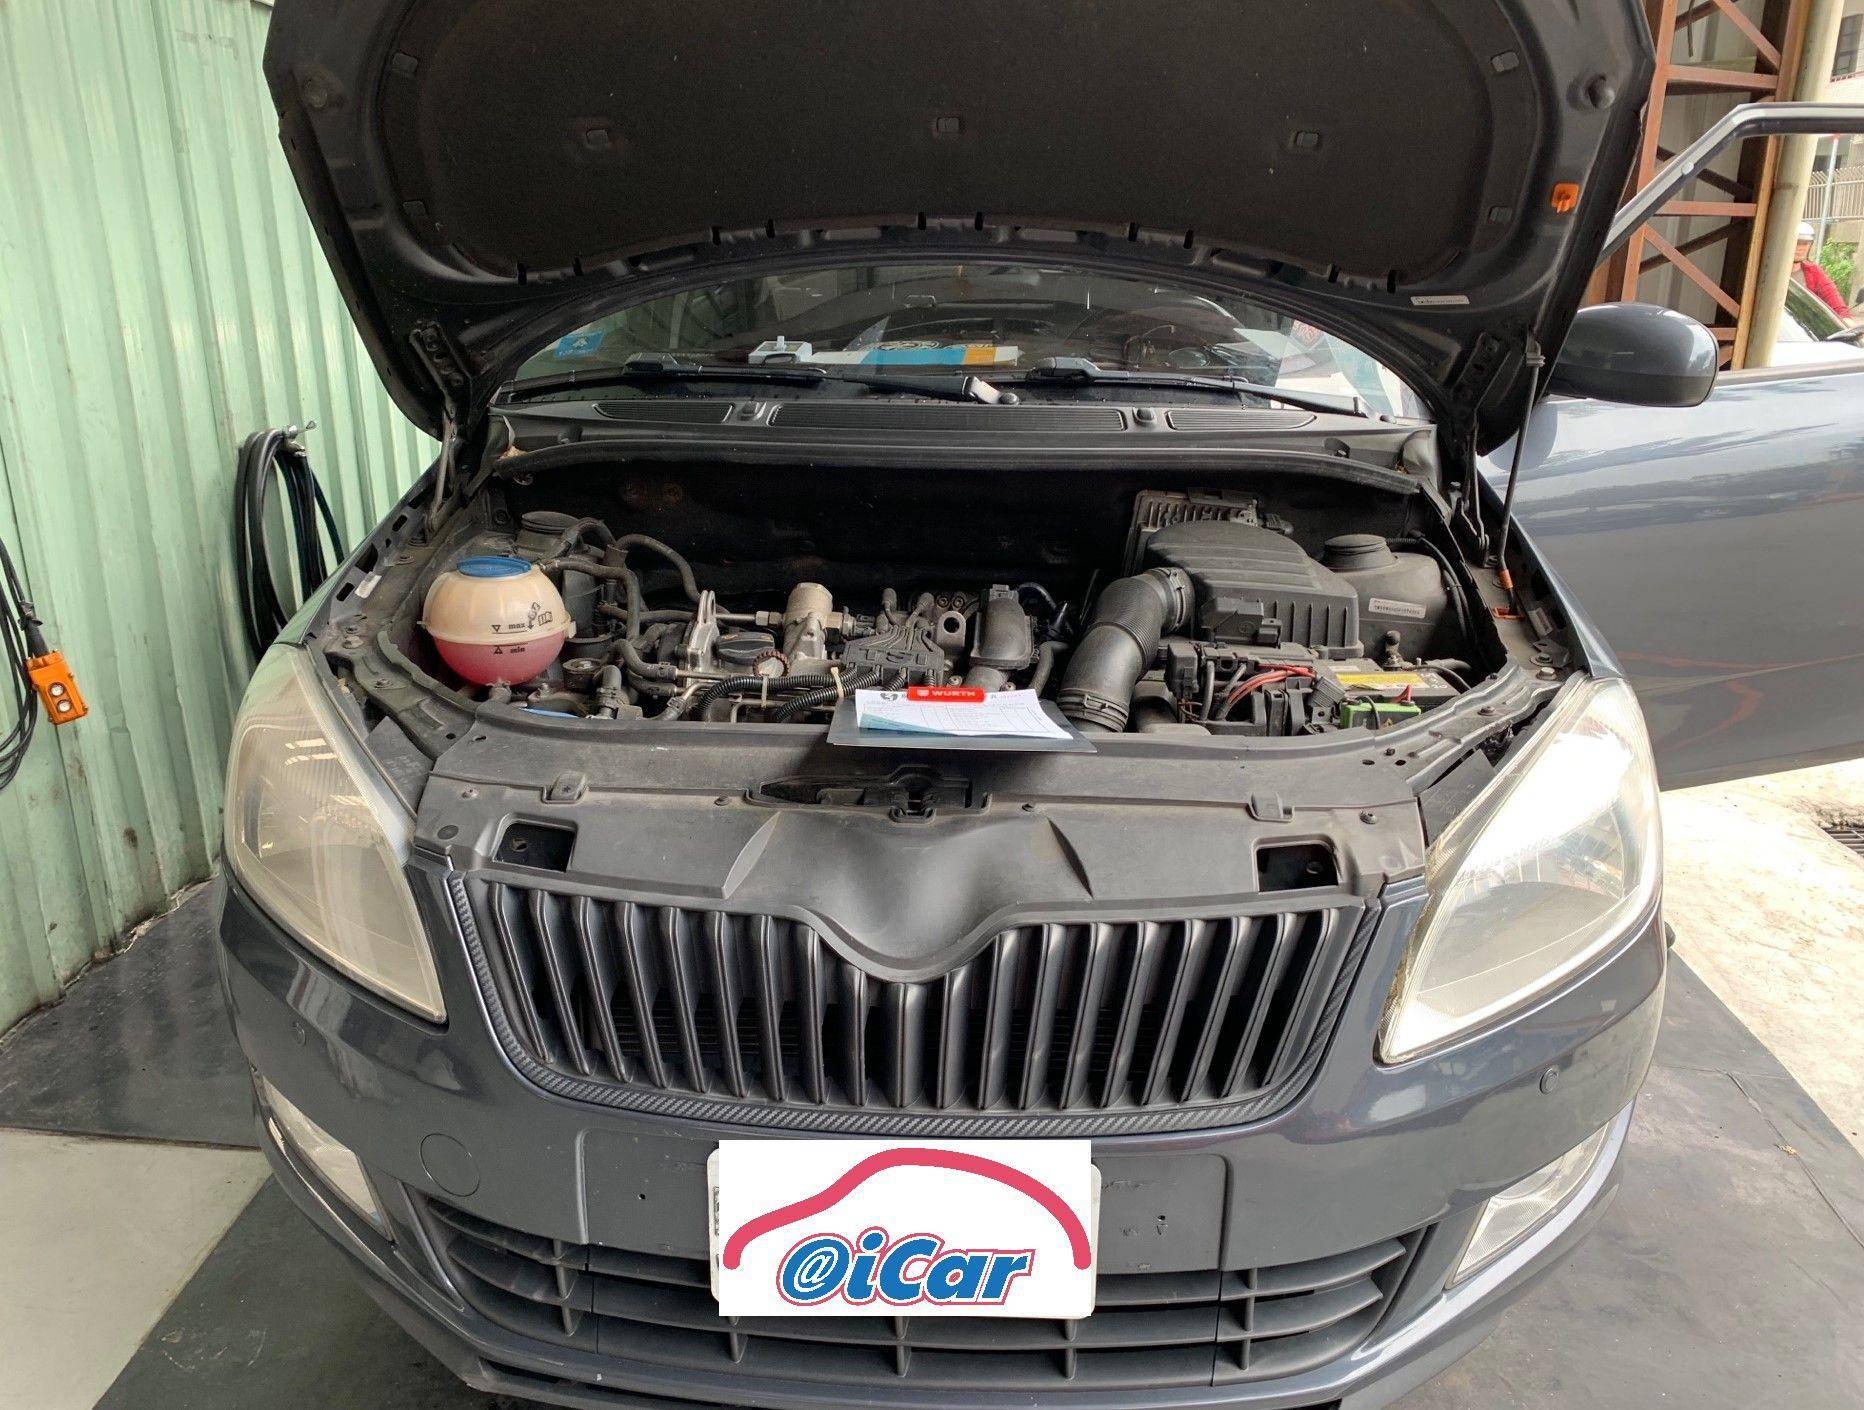 【振傑汽車】斯柯達/SKODA FABIA 車輛保養#定期保養#引擎止漏劑#油路清洗劑#玻璃油膜去除劑